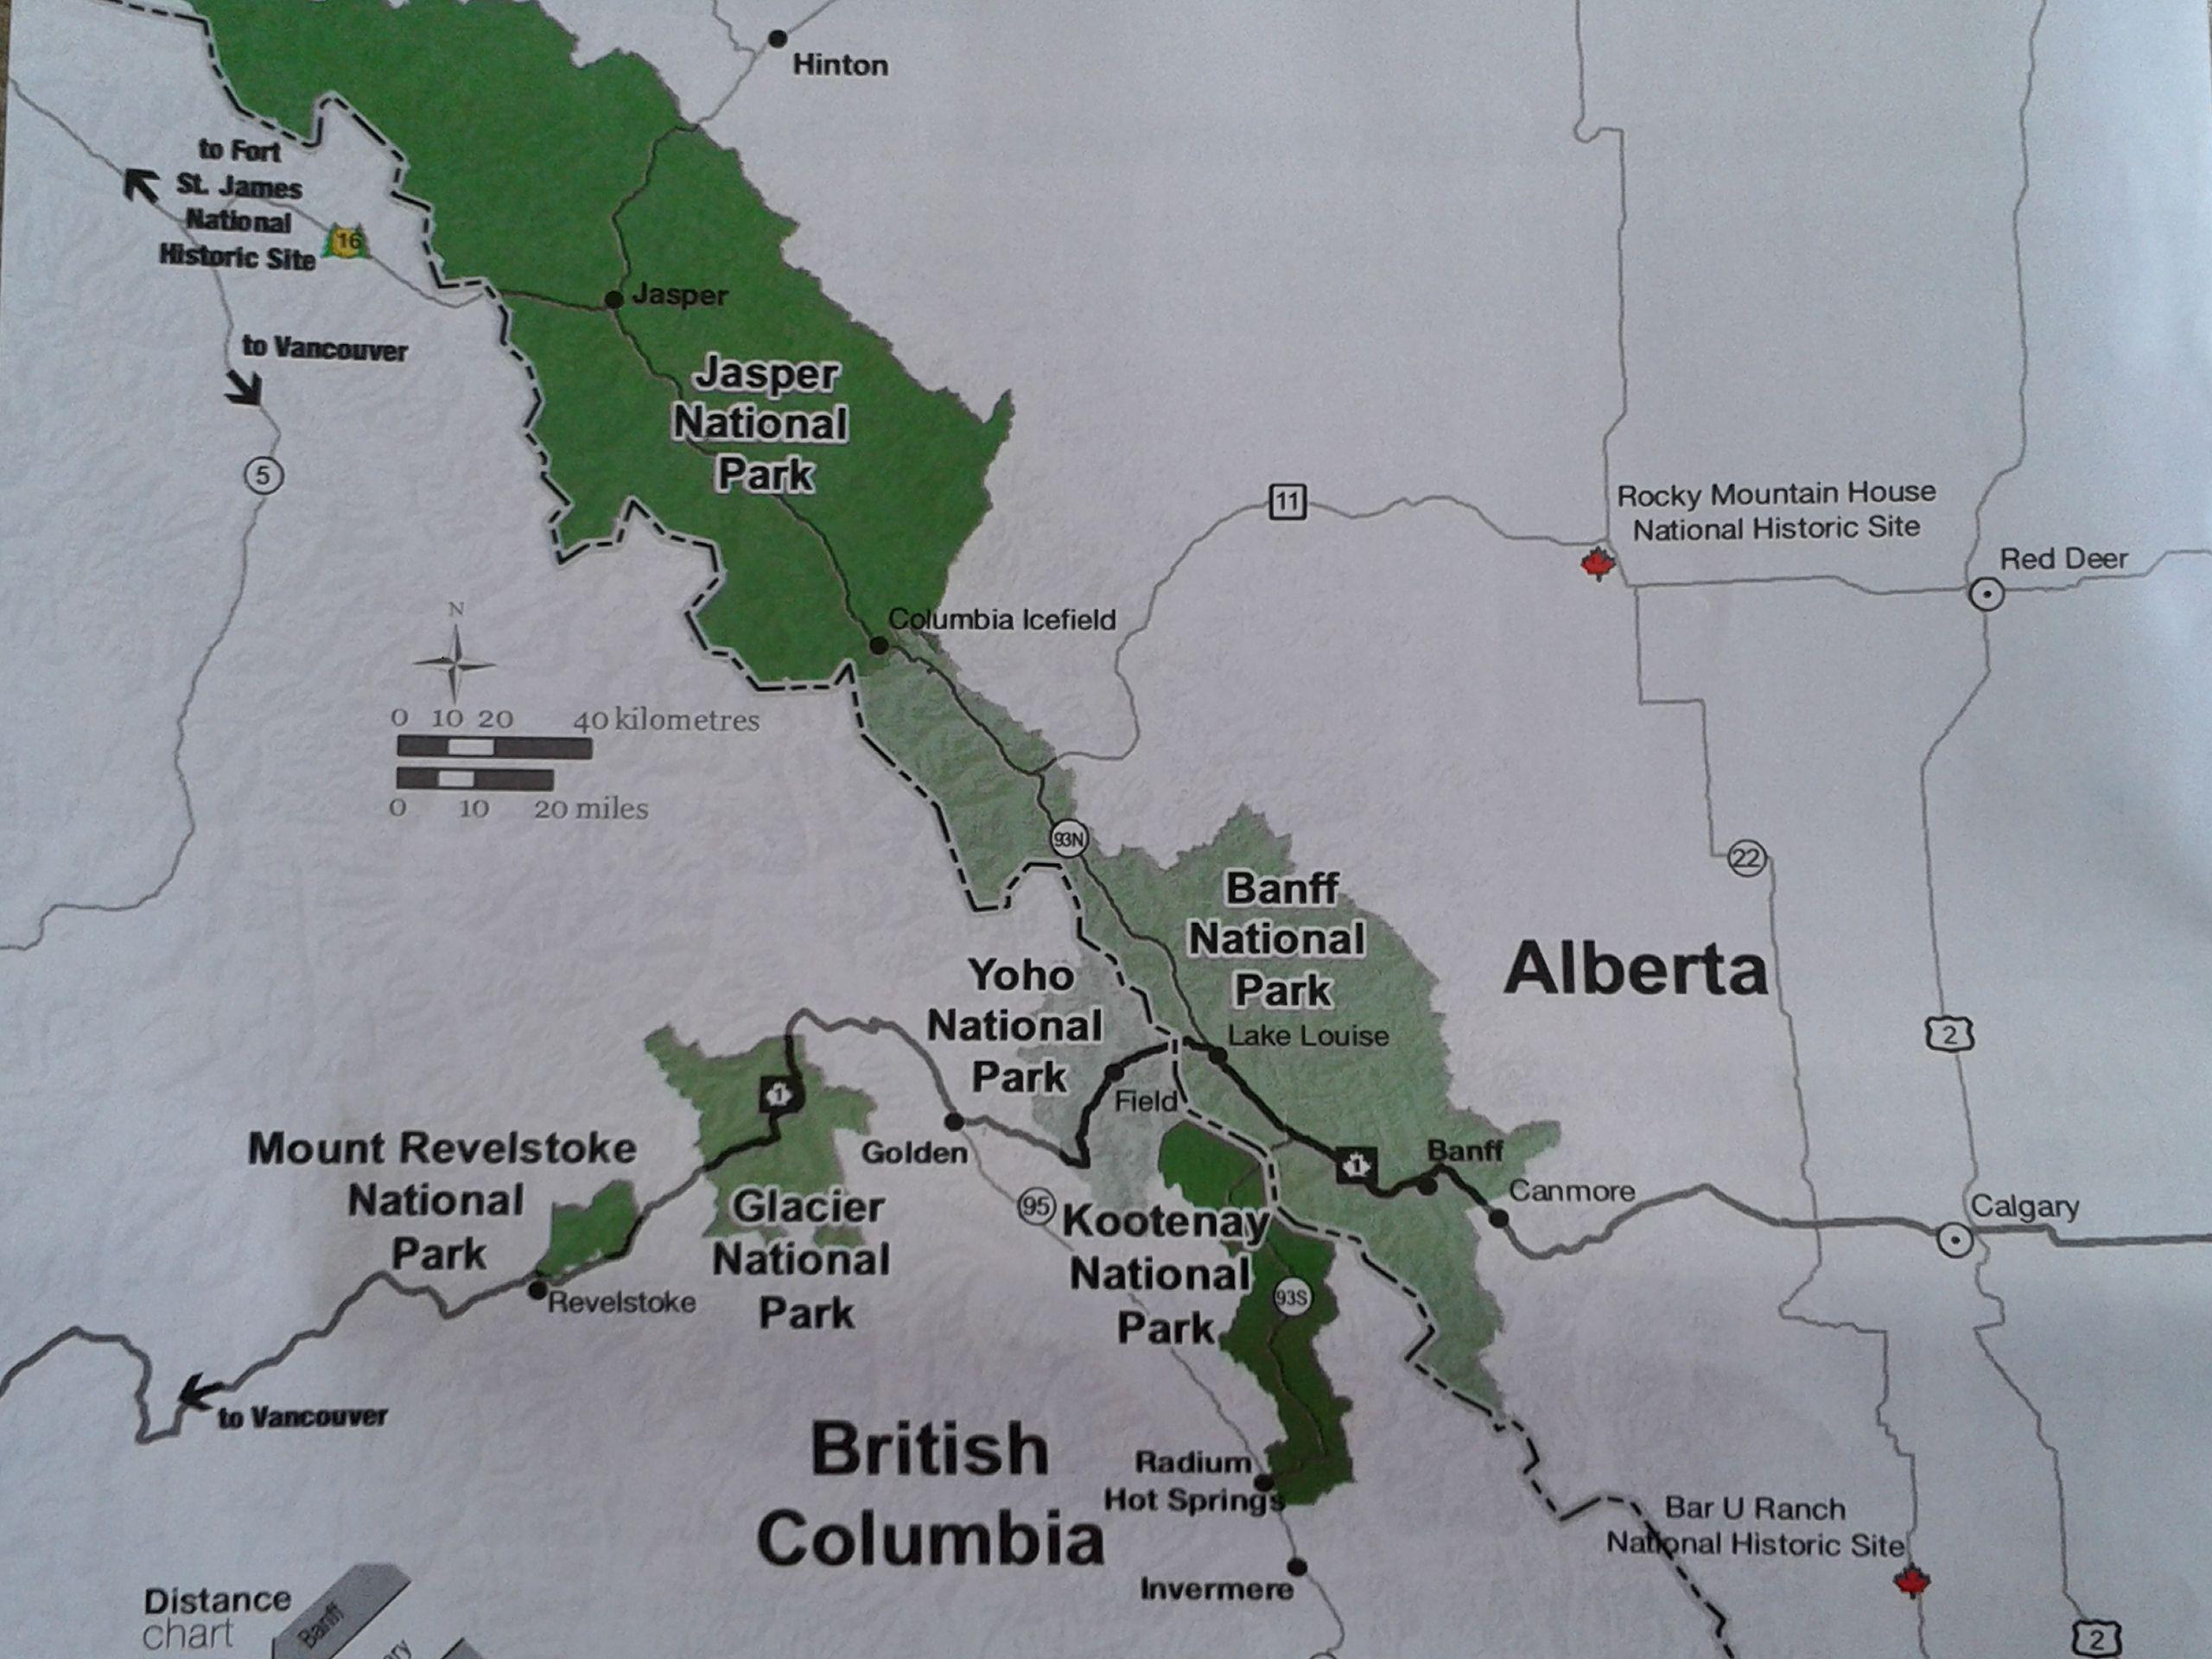 Parques naturales en Alberta